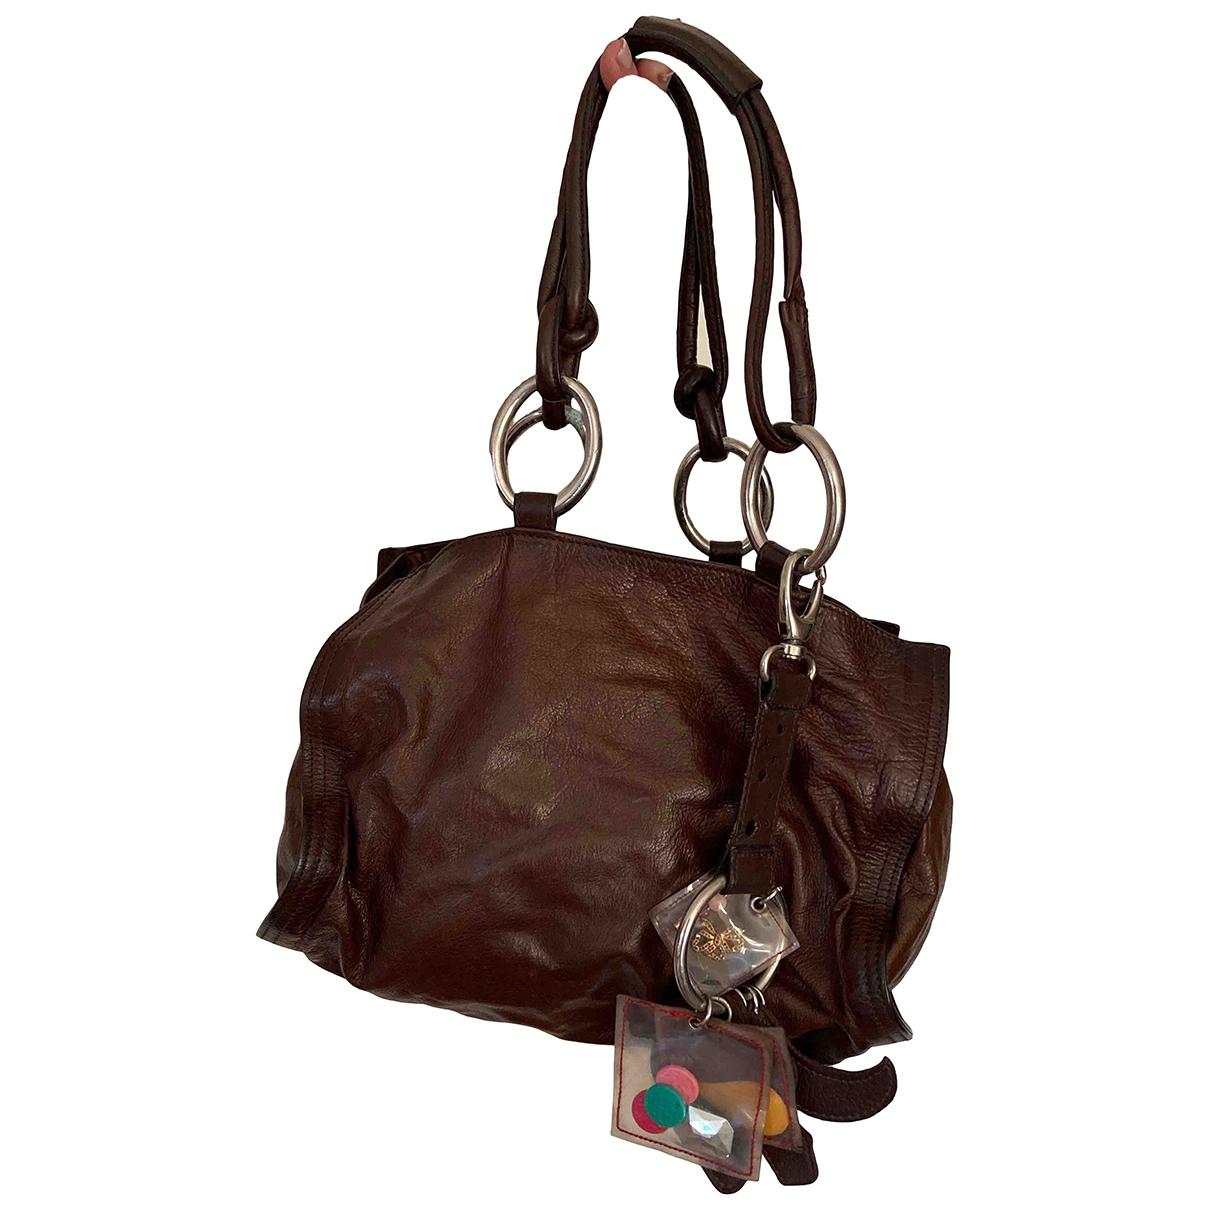 Marni \N Handtasche in  Braun Leder